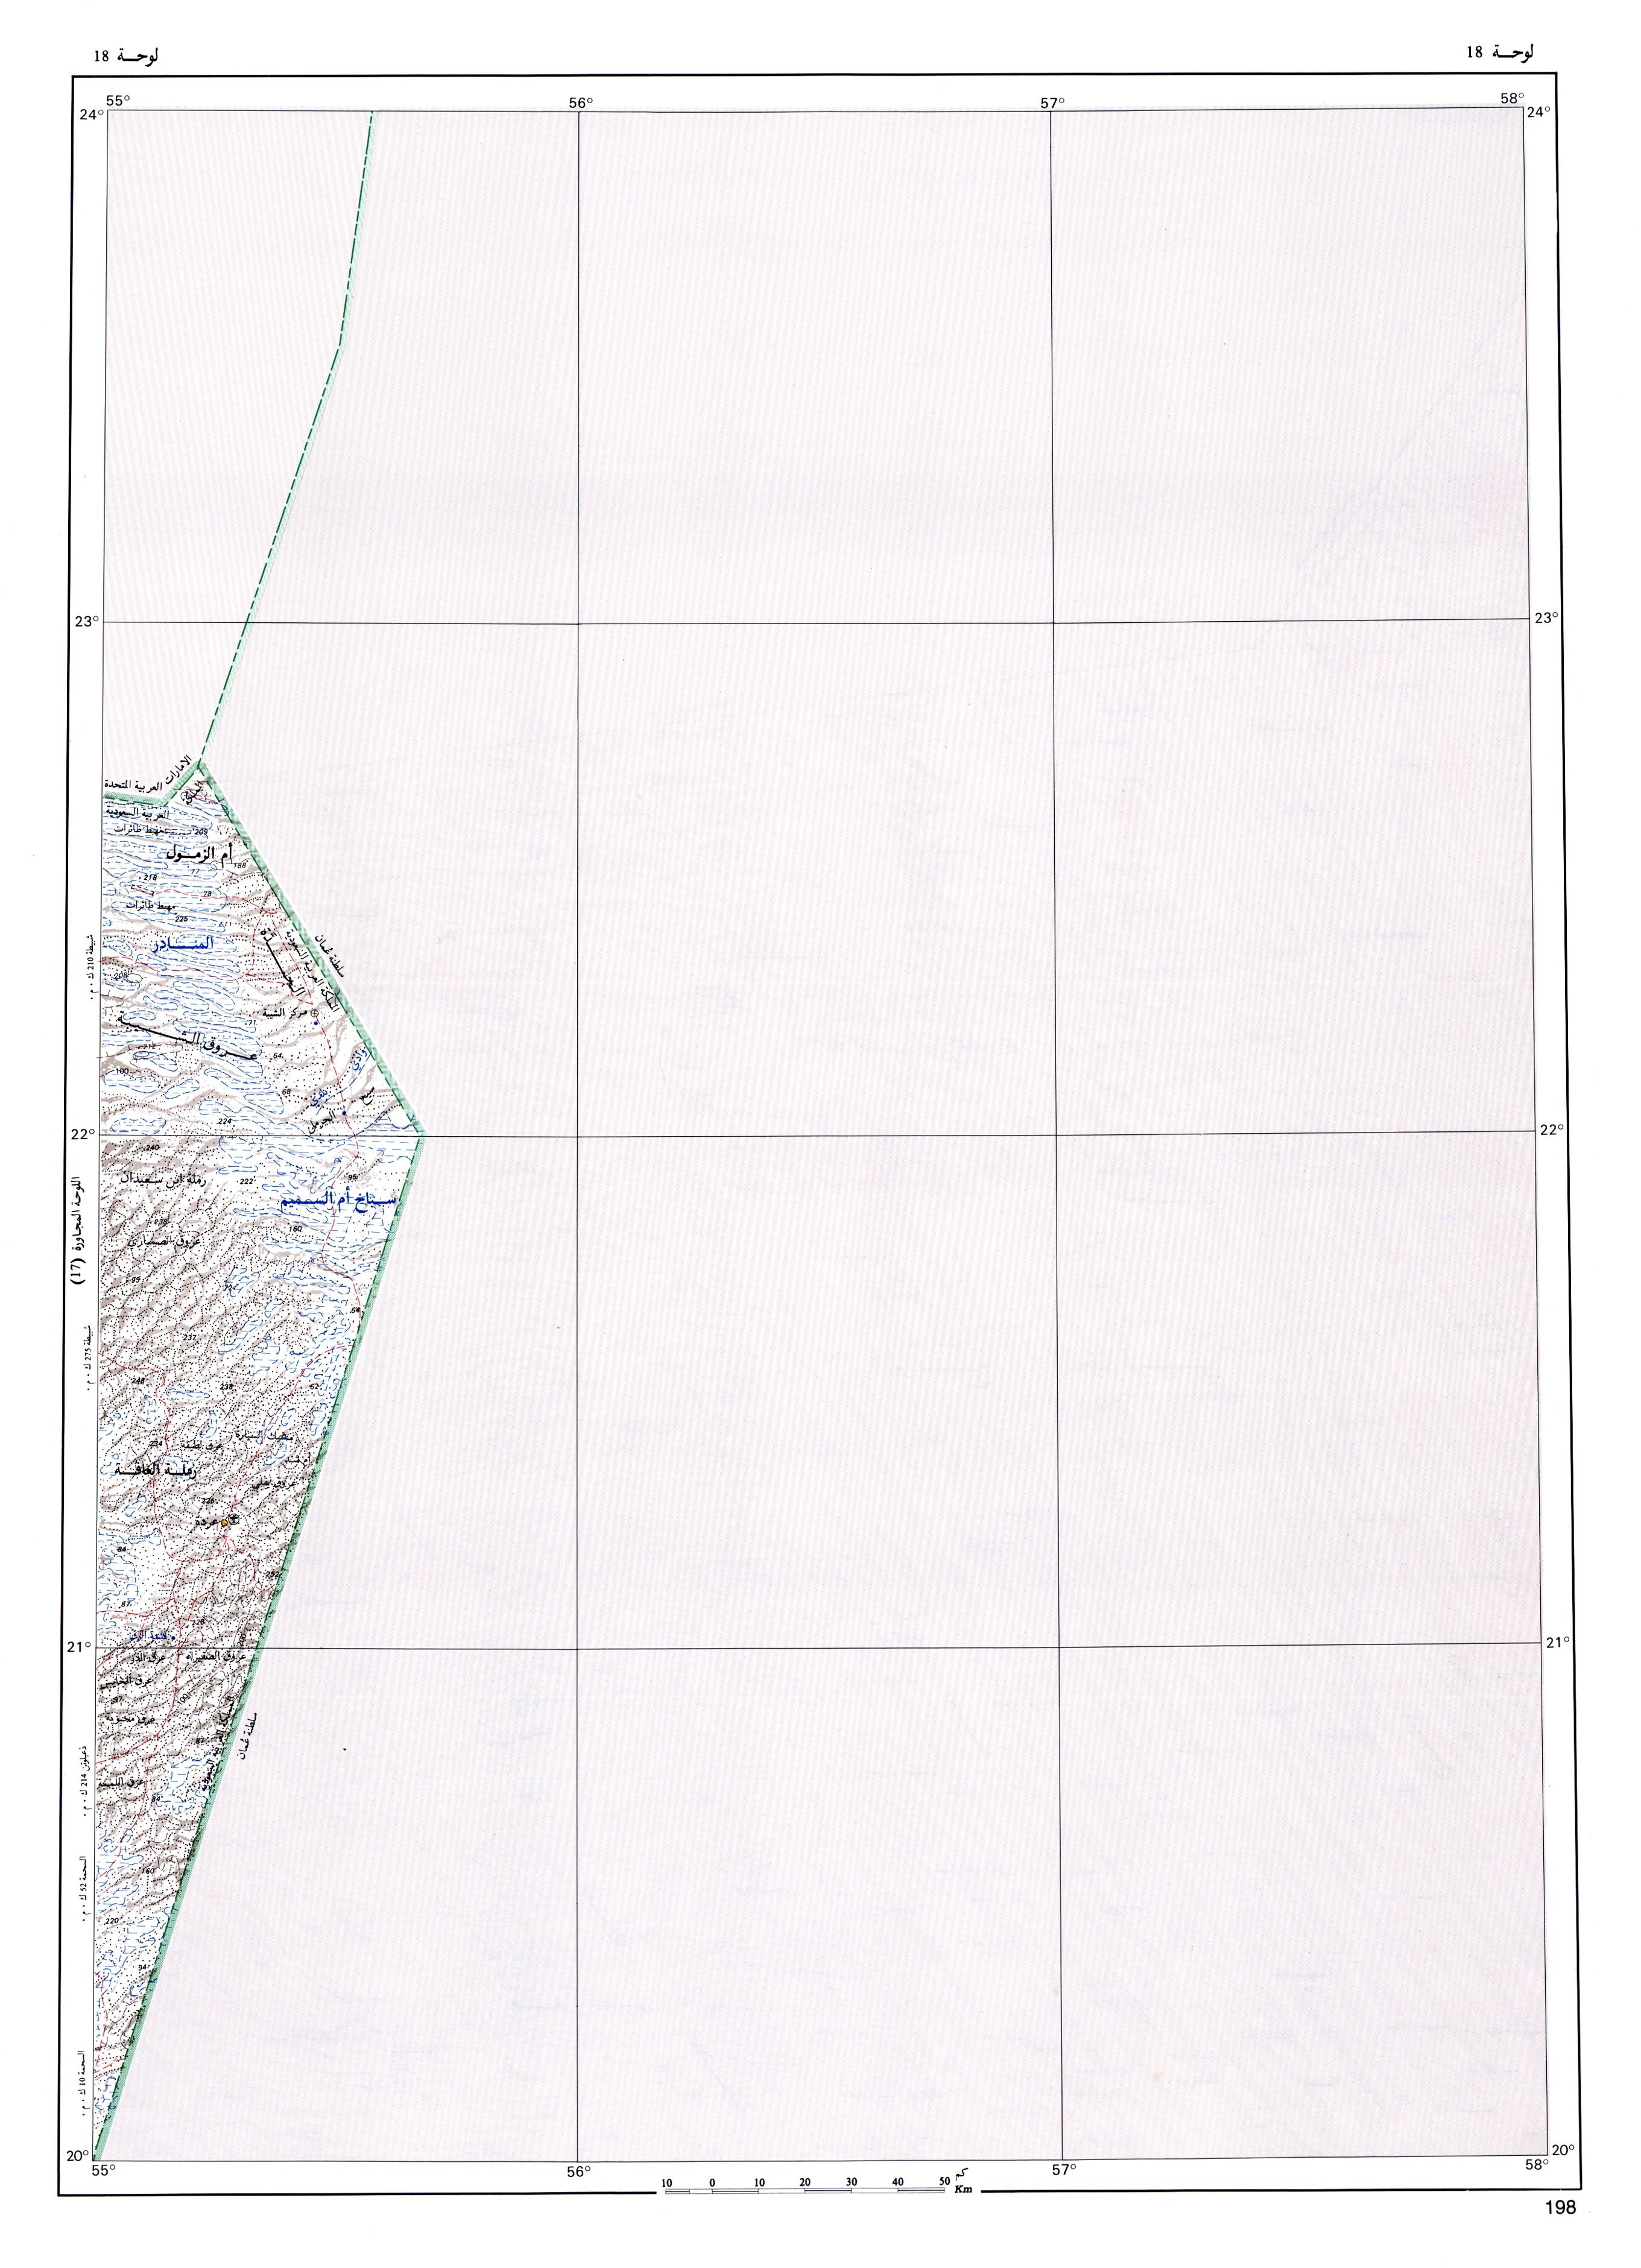 خرائط تفصيليه لمناطق اللمملكة العربية Fig-18.jpg